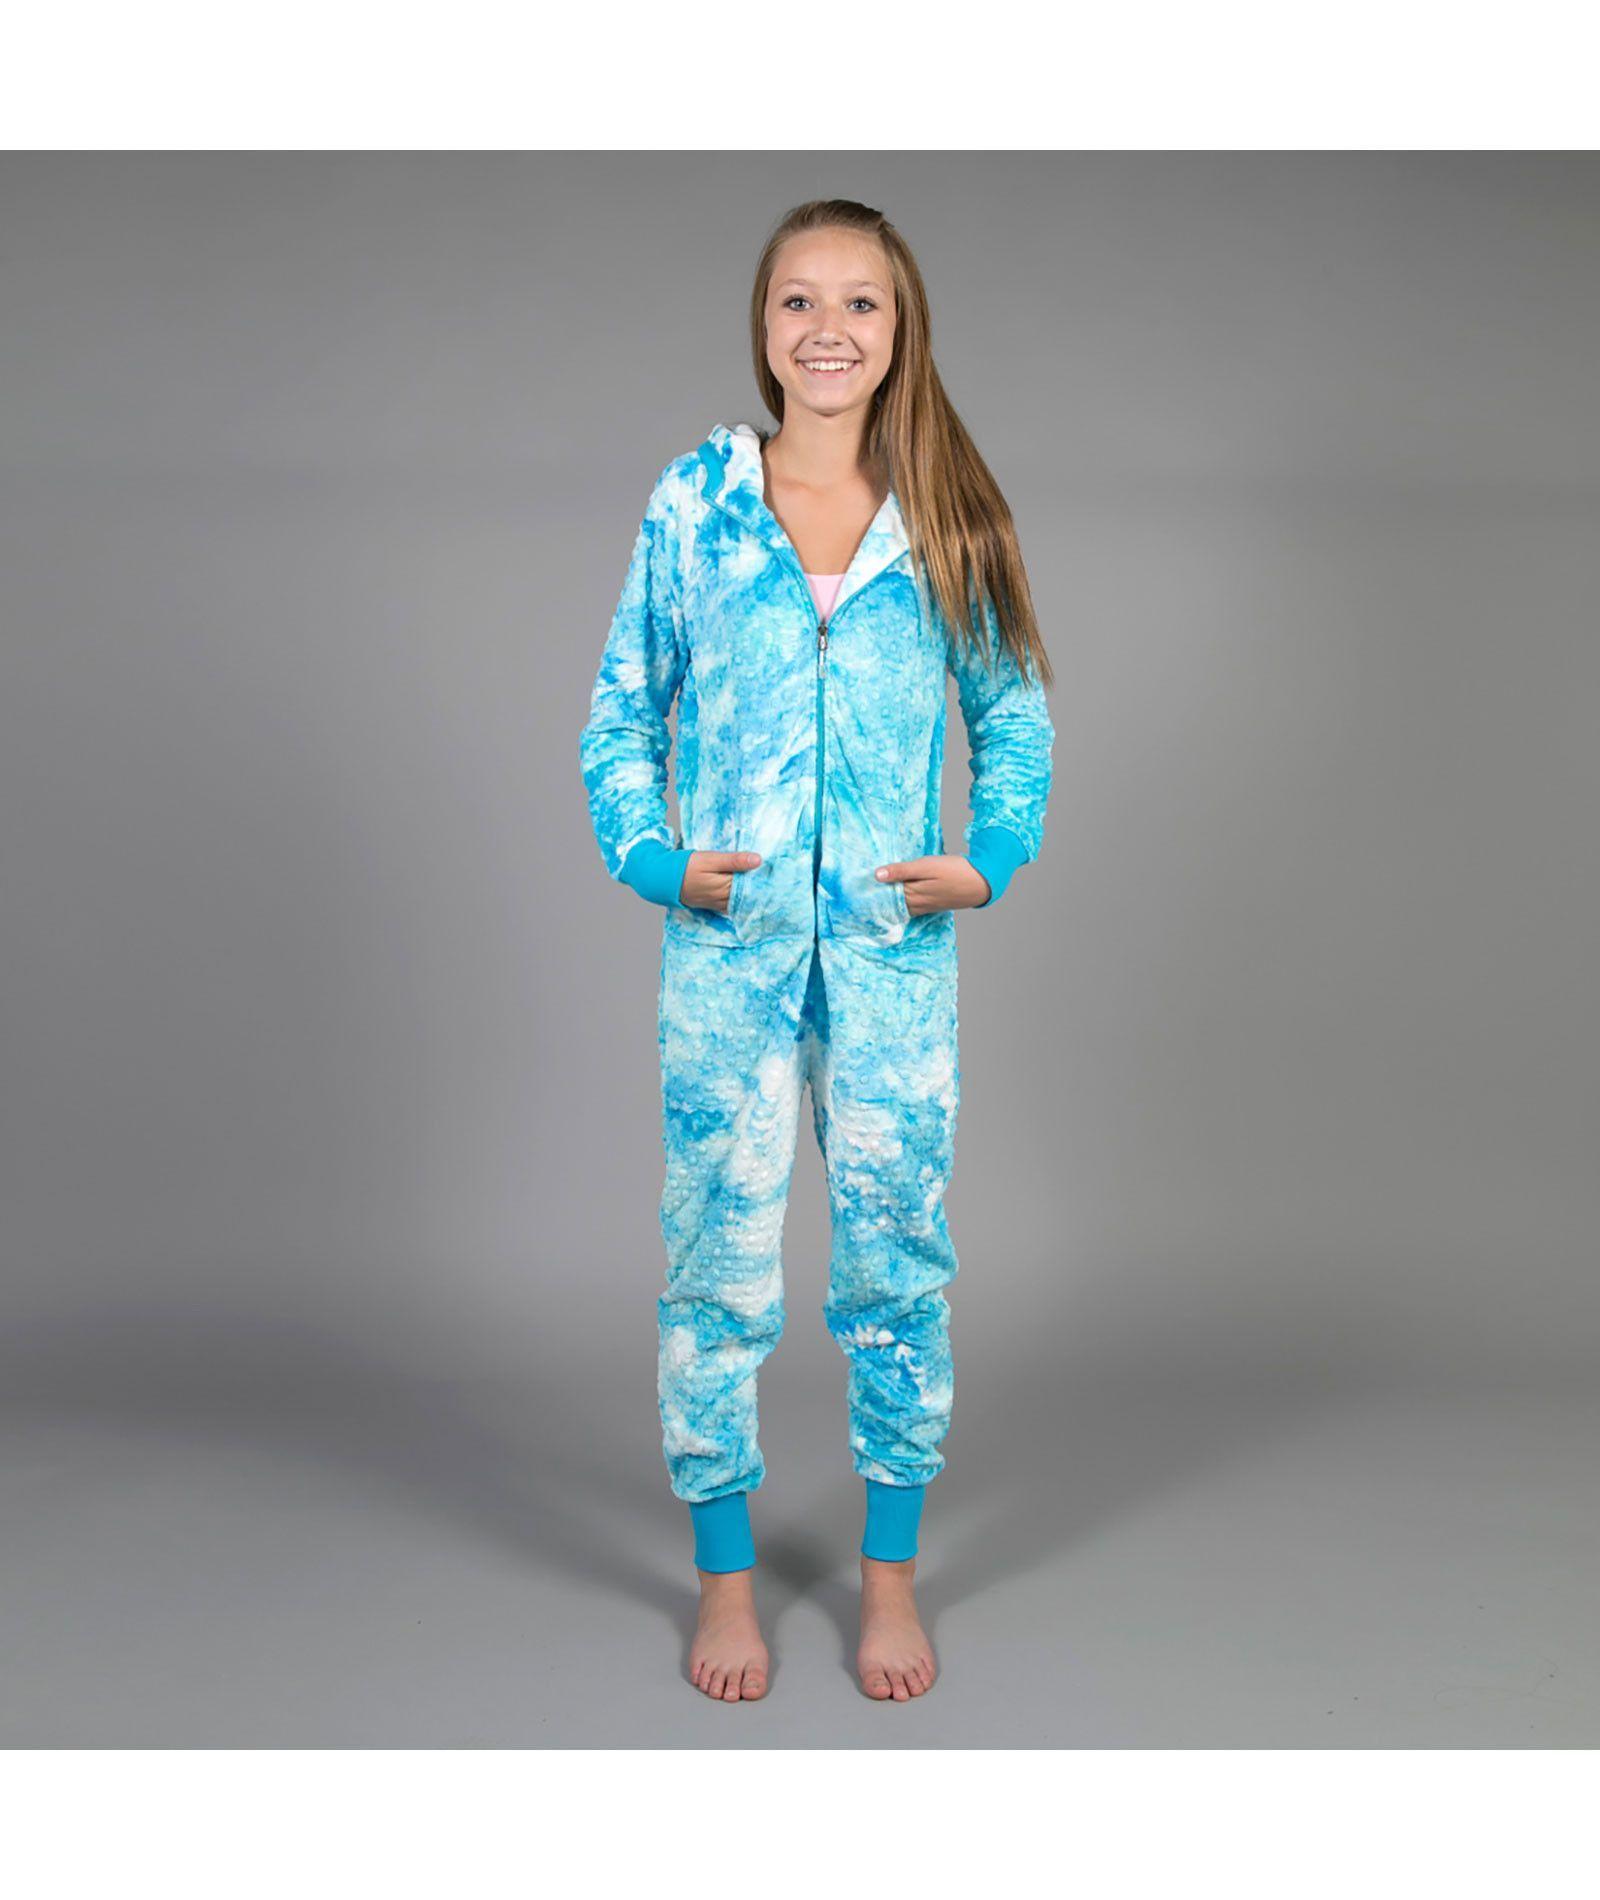 286c38bcd9f7 Triple Flip Girls Blue Radiance Tie Dye Minky Onesie